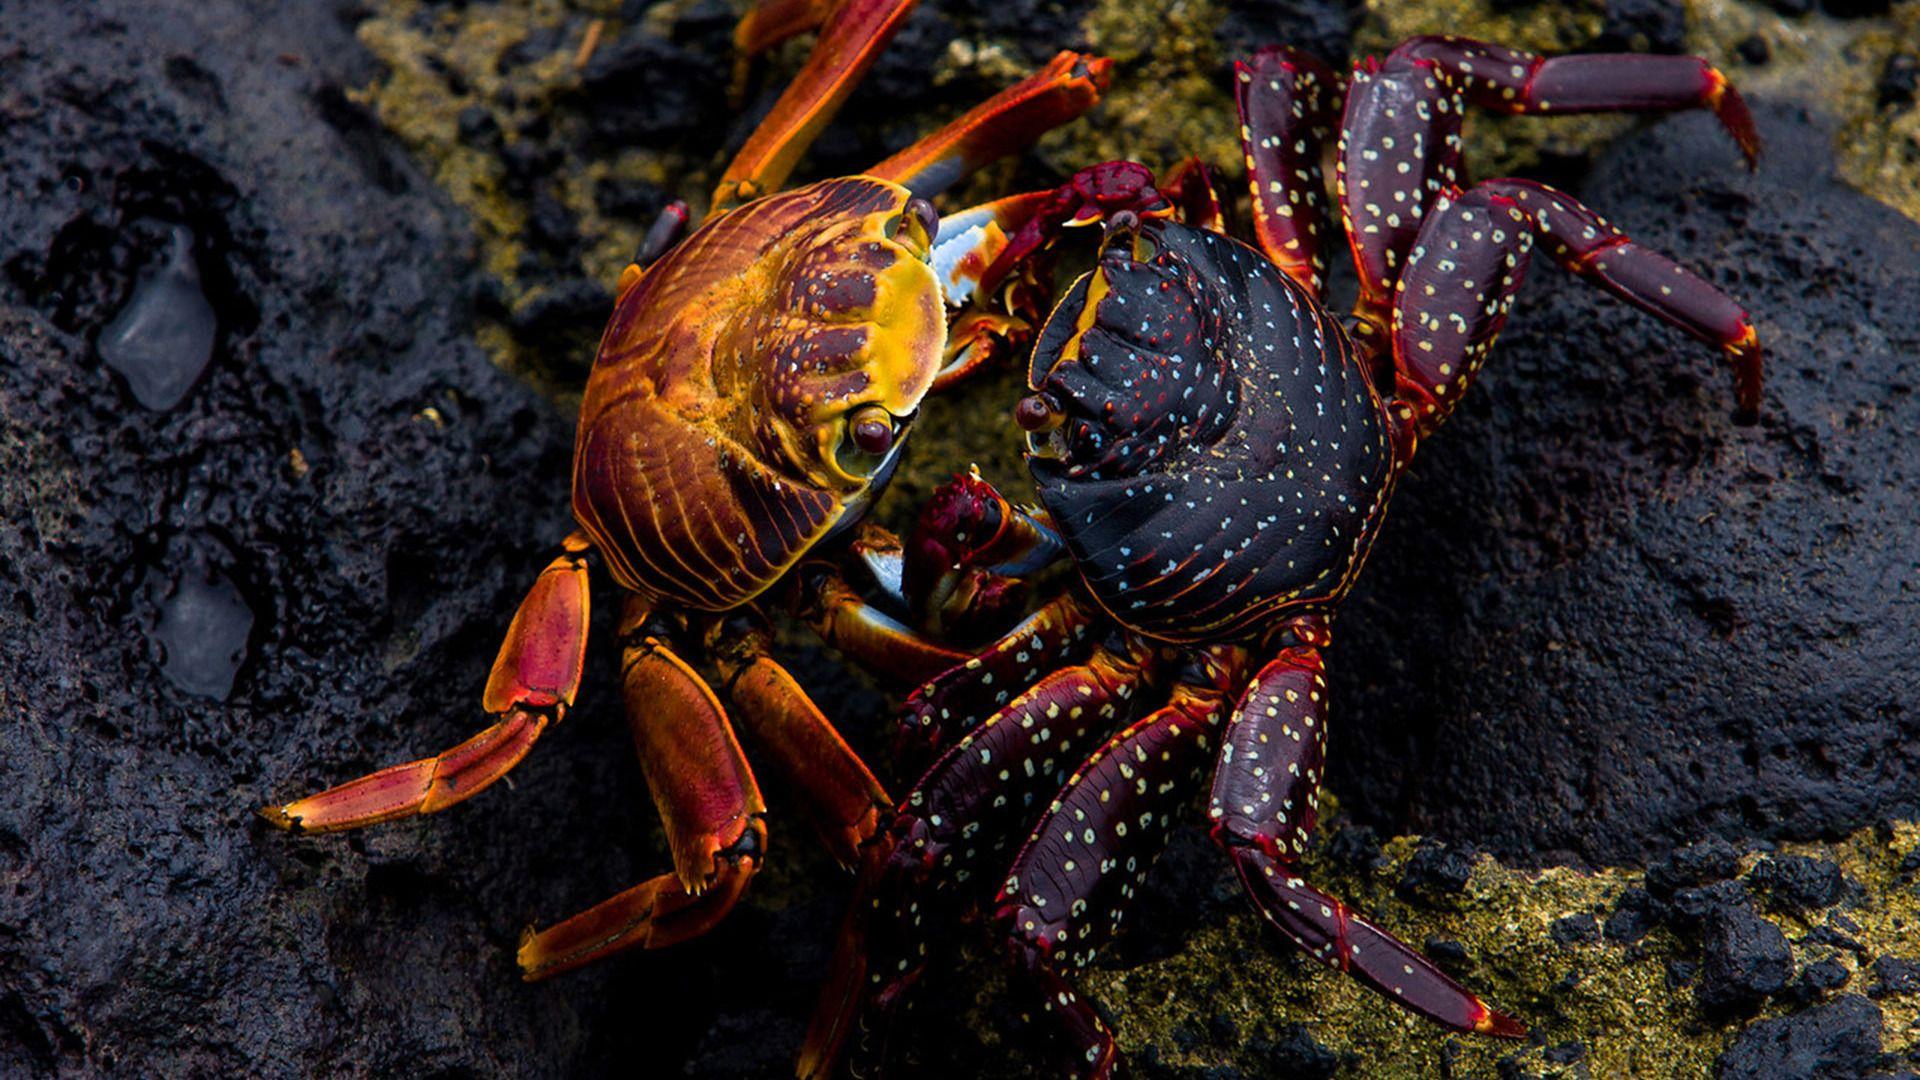 Crab PC Wallpaper